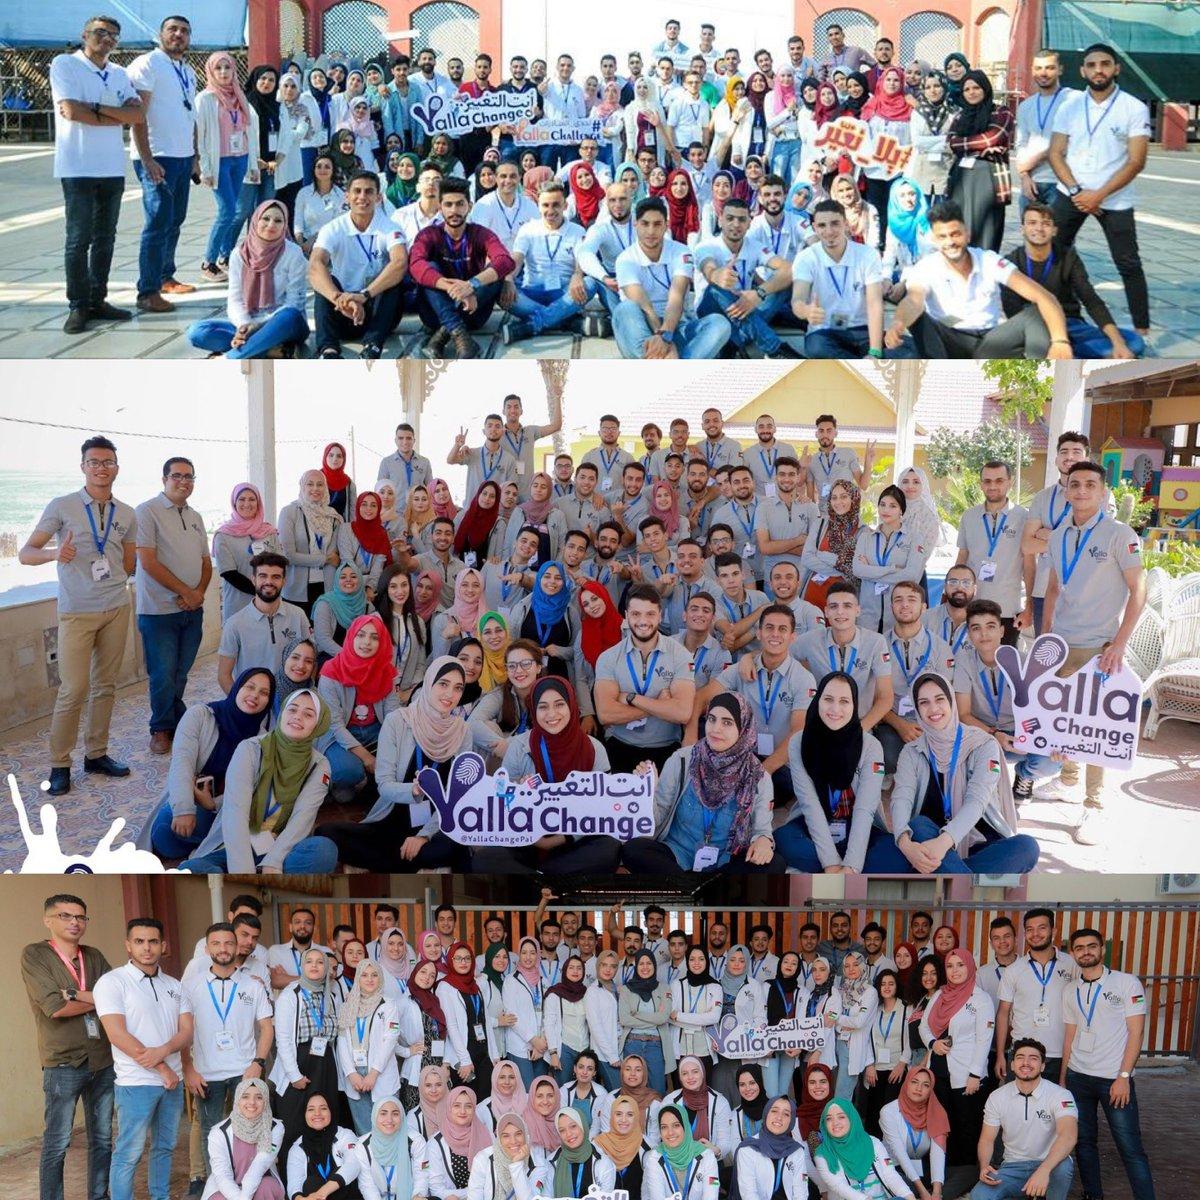 في اليوم الدولي للمتطوعين، كل عام ومتطوعين برنامج Yalla Change بألف خير ❤️  فخورين فيكم وبتمنى دائماً تجمعنا التجارب المميزة بقيادتكم 😎💪🏼  #اليوم_الدولي_للمتطوعين  #YallaChange